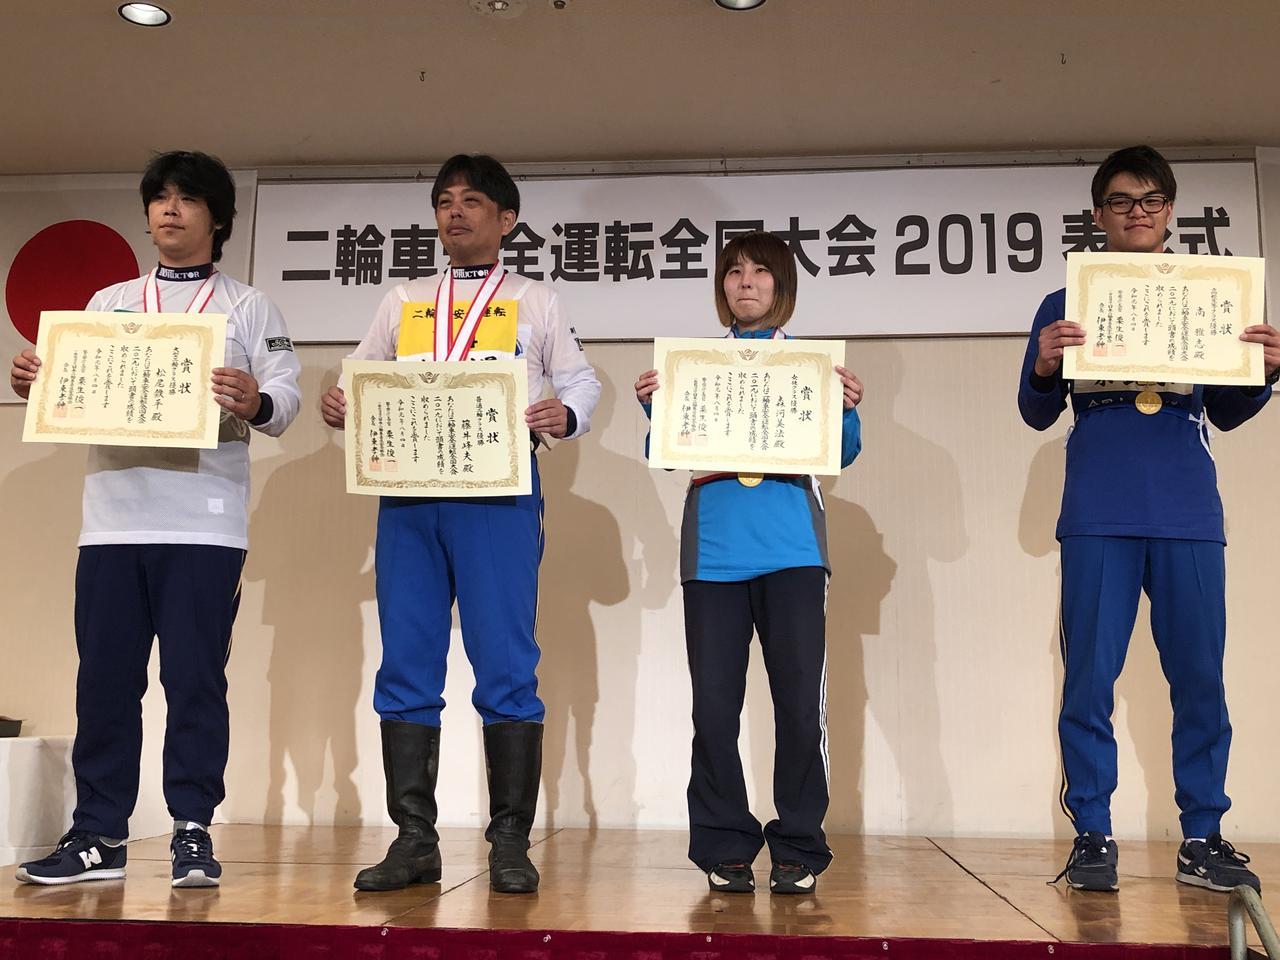 画像: 左から大型二輪クラス優勝者の松尾鉄平 選手(島根県)、普通二輪クラス優勝者の藤井峰夫 選手(神奈川県)、女性クラス優勝者の森河美法 選手(徳島県)、高校生等クラス優勝者の南雅志 選手(奈良県)。